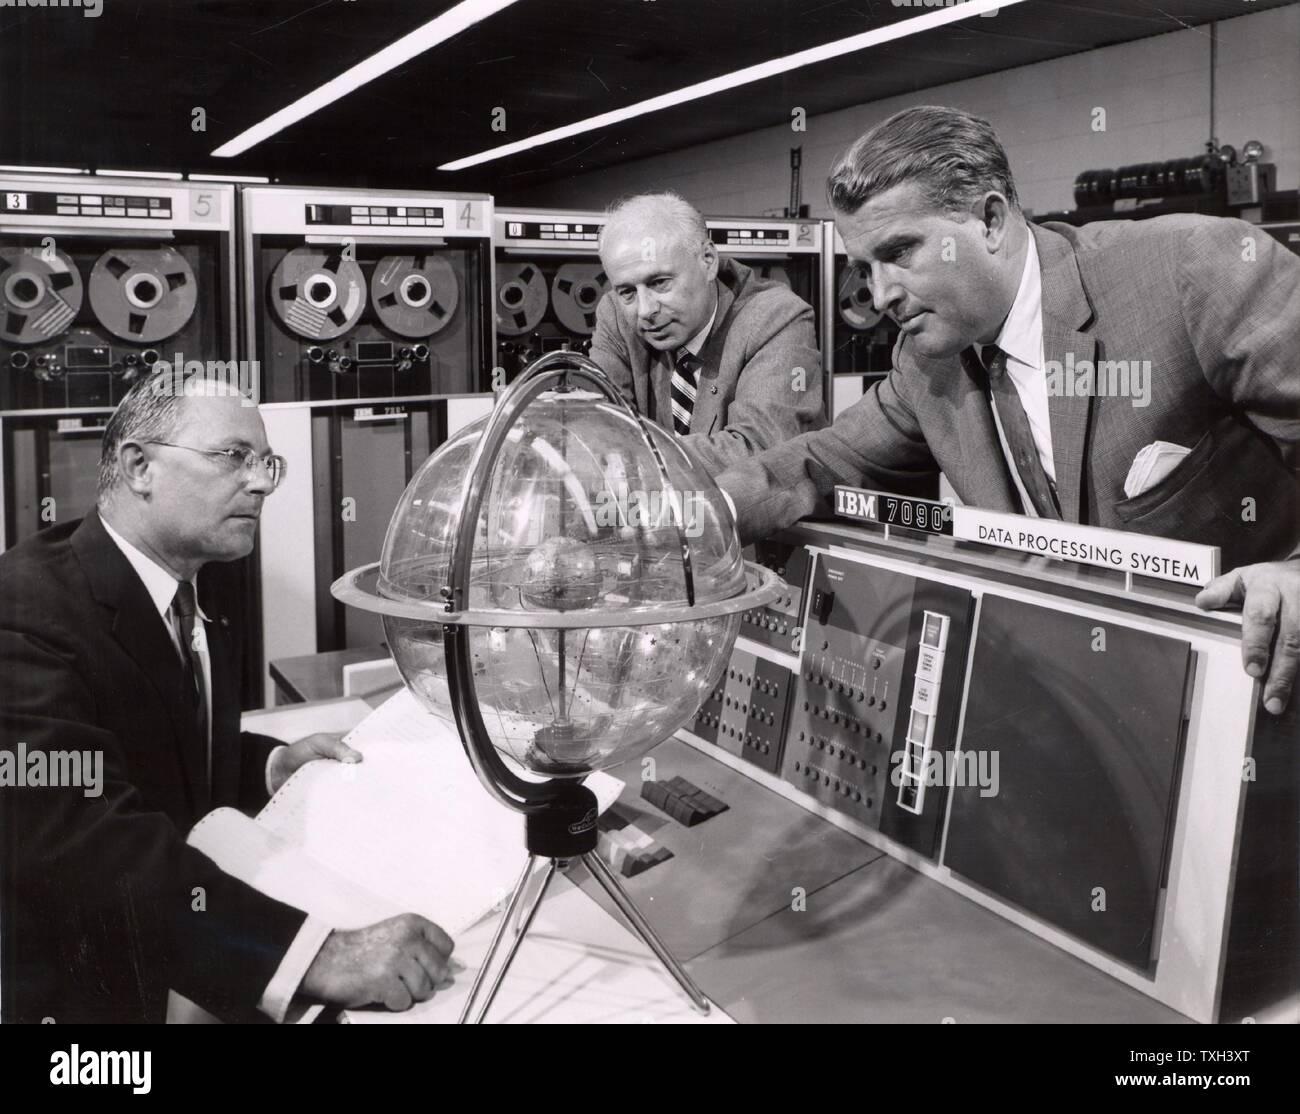 Wernher von Braun (1912-1977) deutscher Wissenschaftler im Rakete Programm seines Landes beteiligt. Nach dem Zweiten Weltkrieg nahm er uns Nationalität. Er wurde Direktor der NASA und als Vater der US Space Programm angesehen. Von Braun im Jahre 1960, als Direktor des Marshall Space Flight Center, im Gespräch mit Dr. Helmut Hoelzer und Dr. Eberhard Rees, sein Stellvertreter. Stockfoto